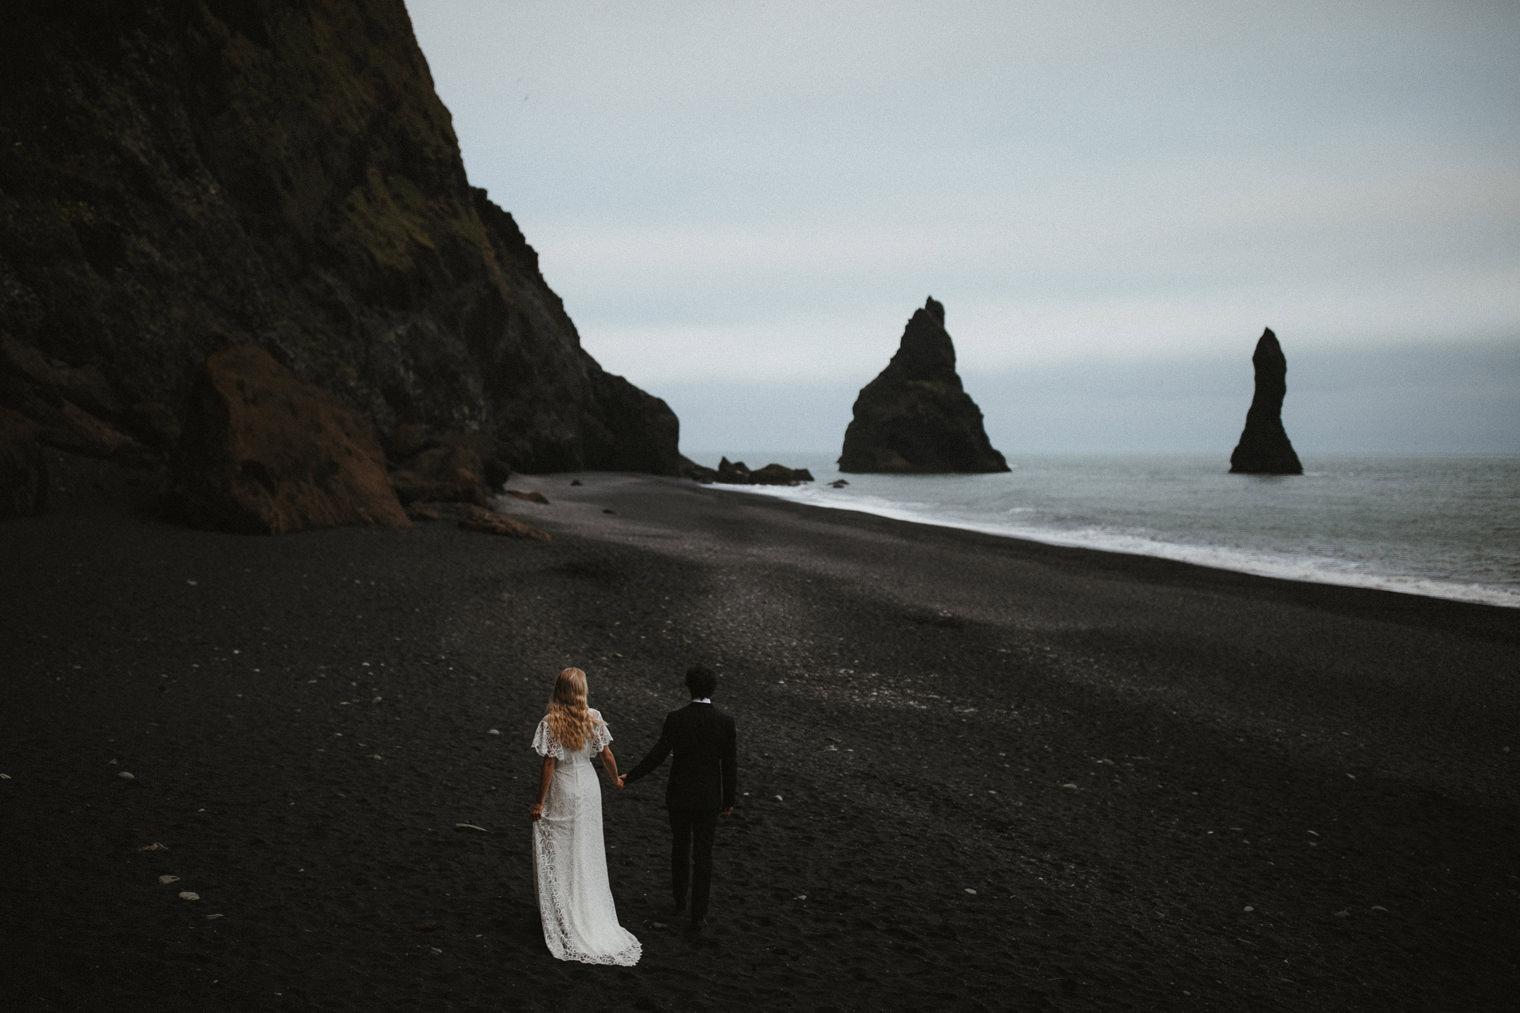 074-iceland-wedding